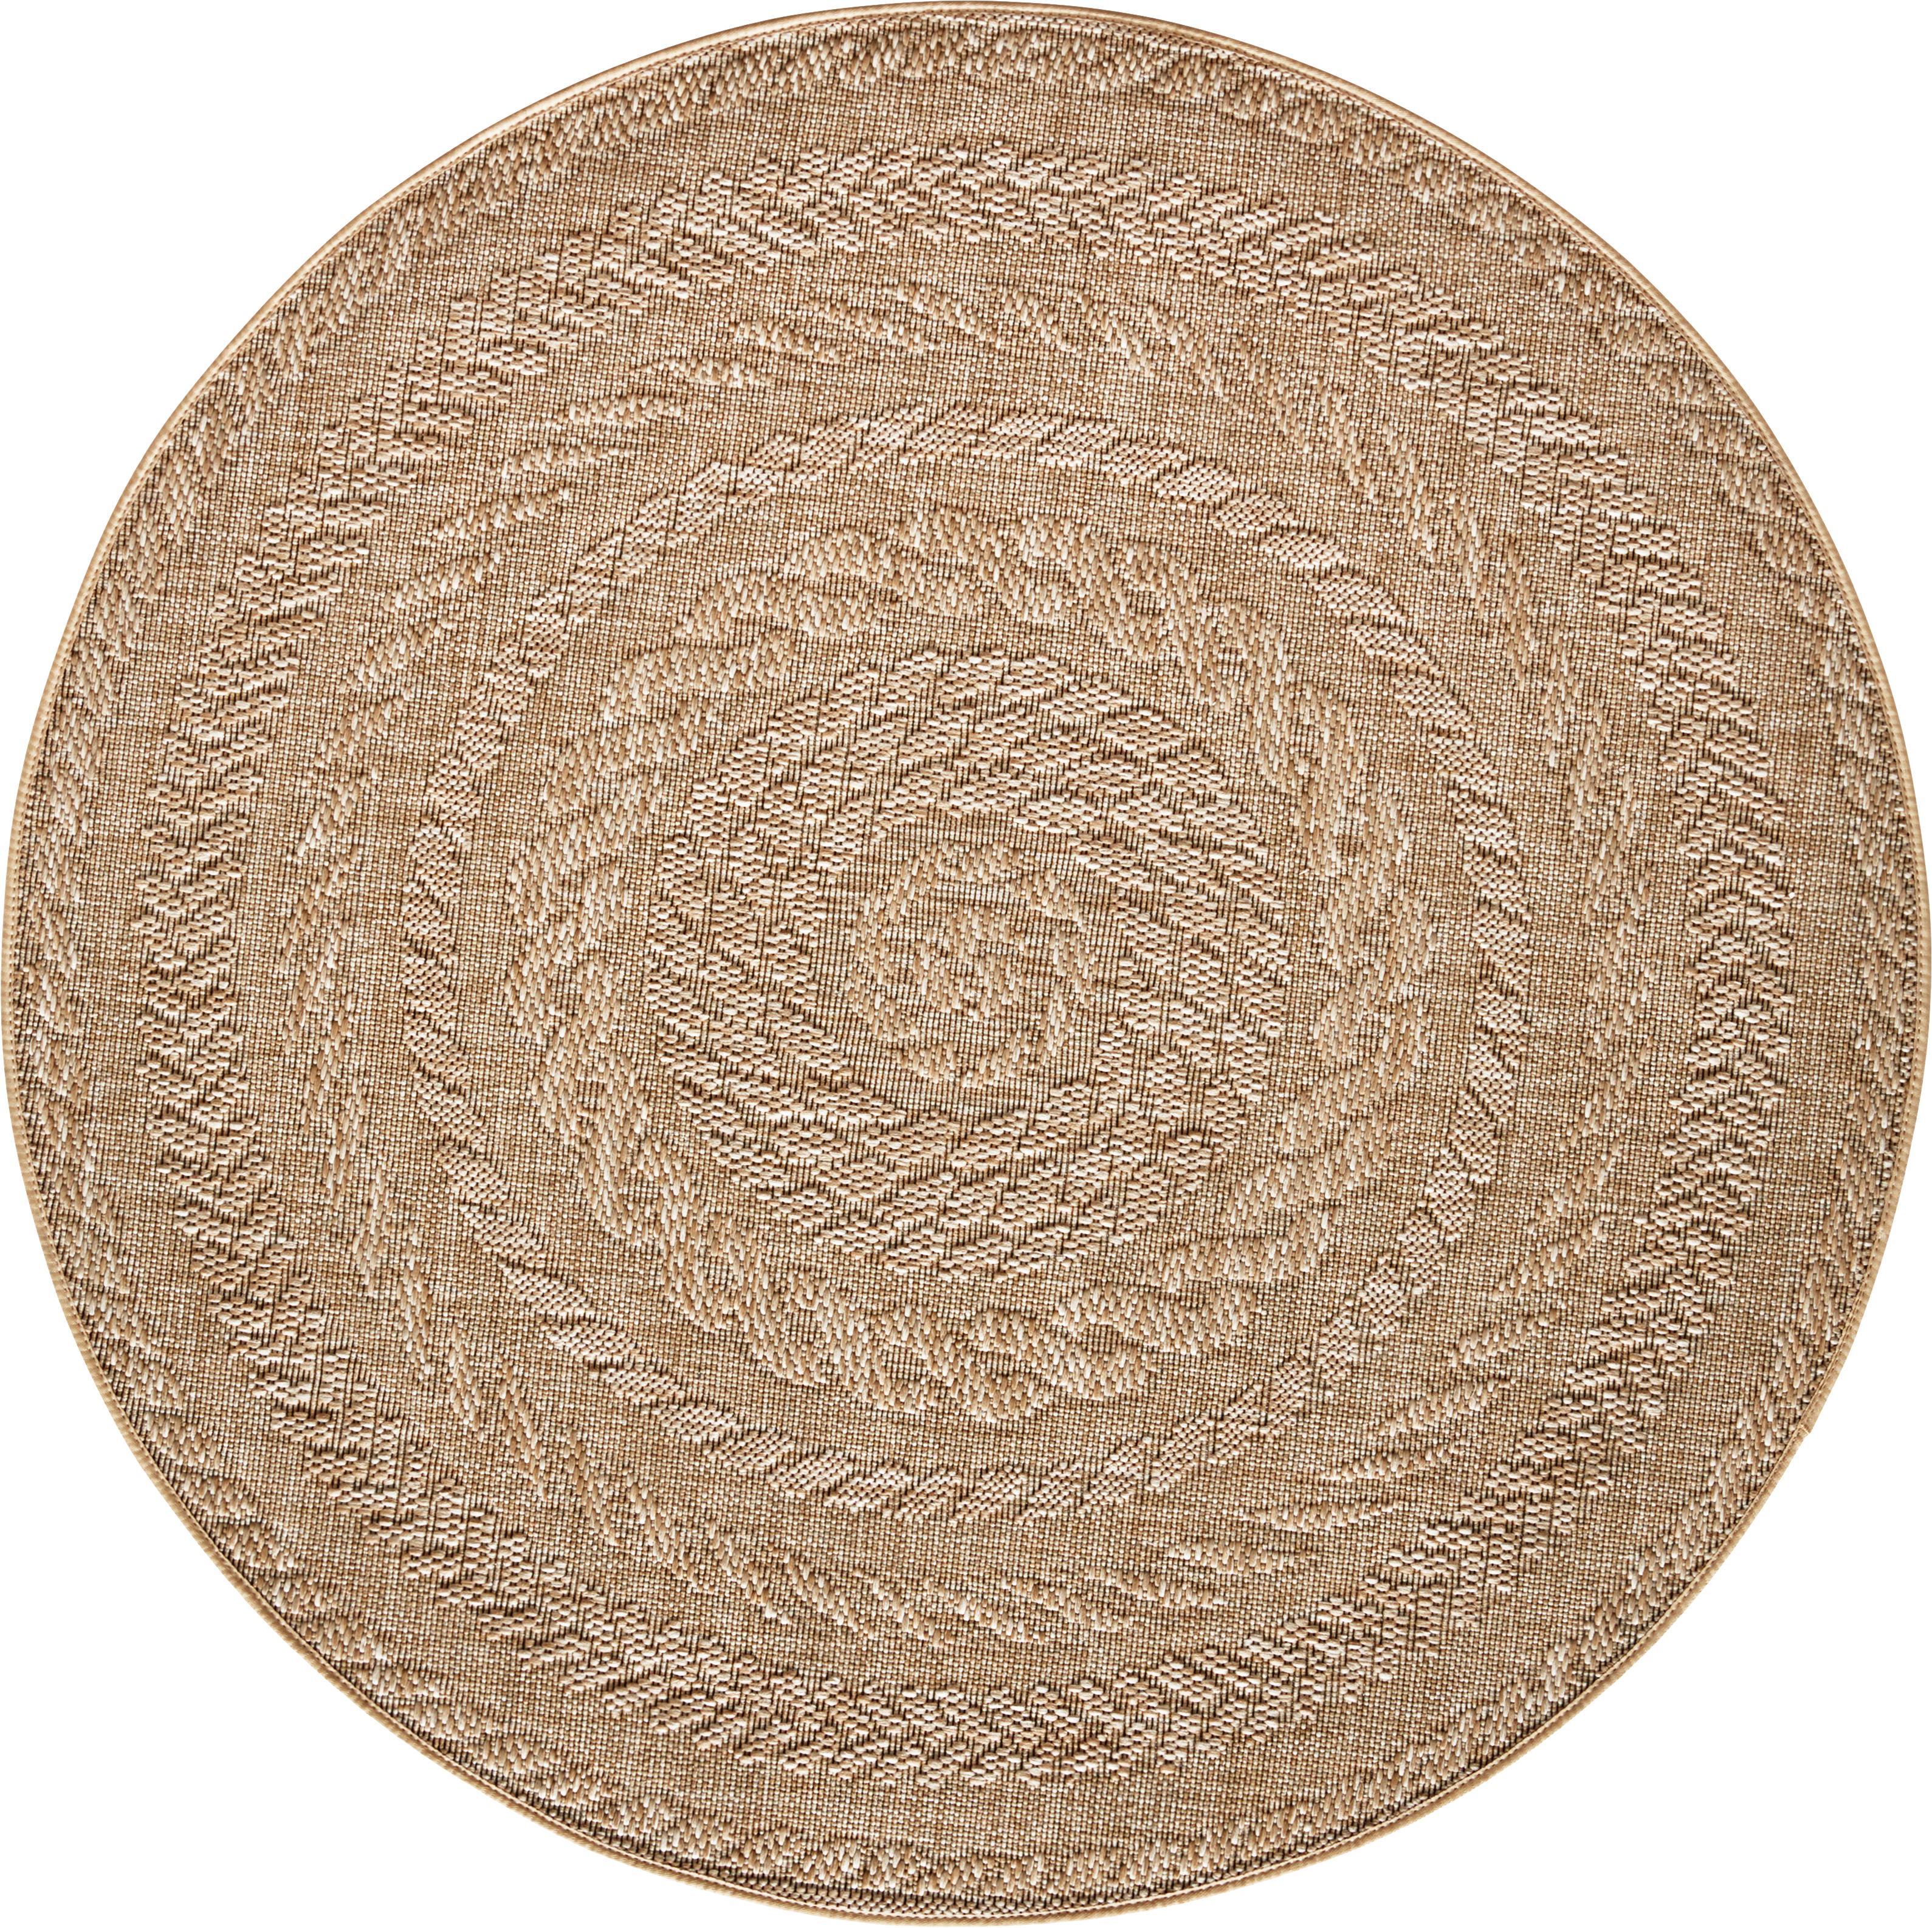 Rond in- en outdoor vloerkleed Almendro in jute look, Polypropyleen, Beige, bruin, Ø 160 cm